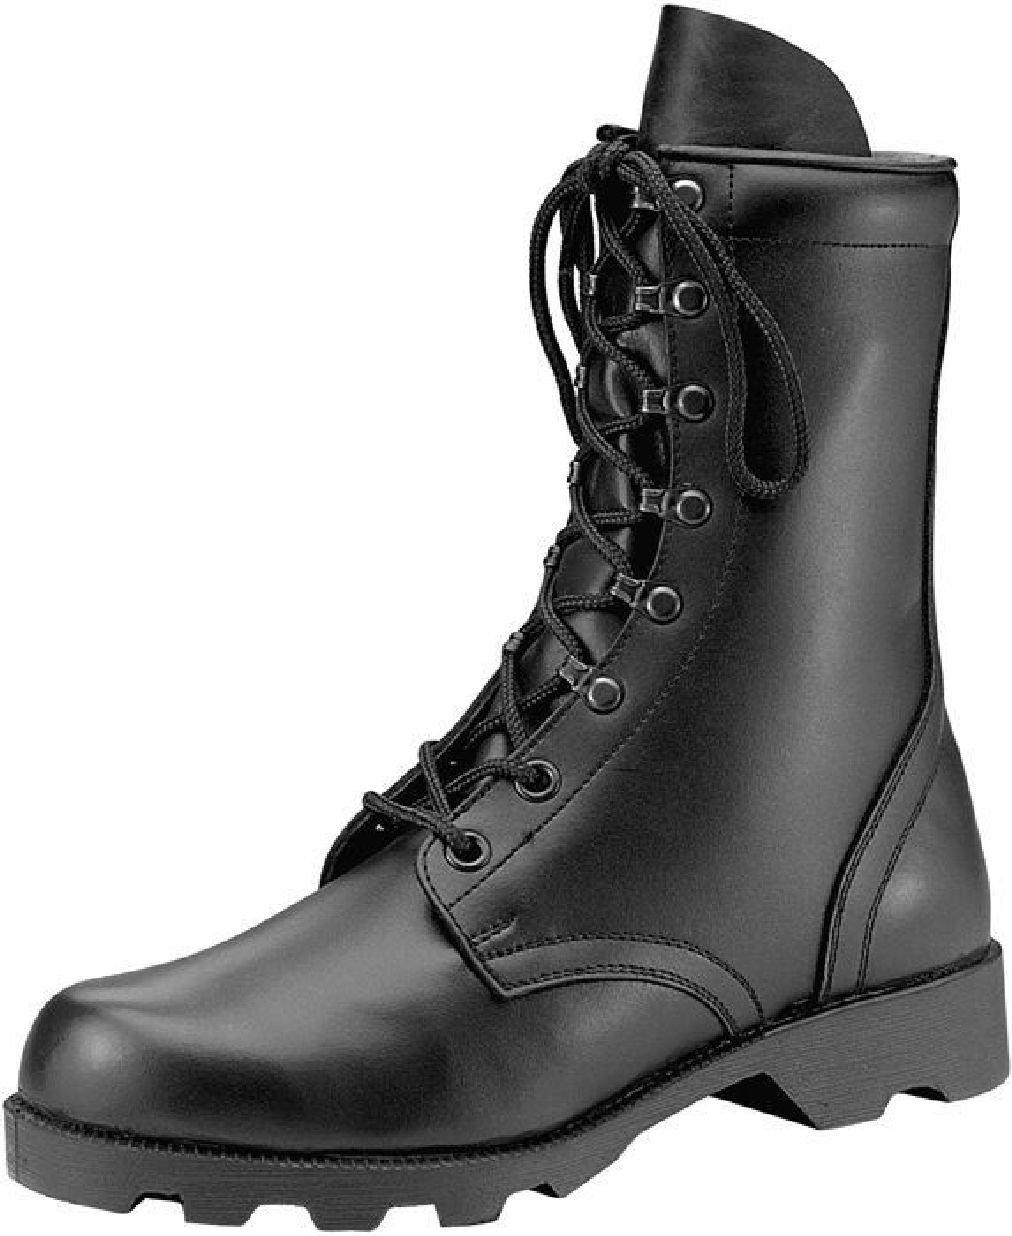 【保存版】 ブラックレザーMilitary Combat Boots 12 B07D9JZYPP B07D9JZYPP Combat 12, アネット汐留:21e8b4d8 --- rcavalcantiadvogados.com.br